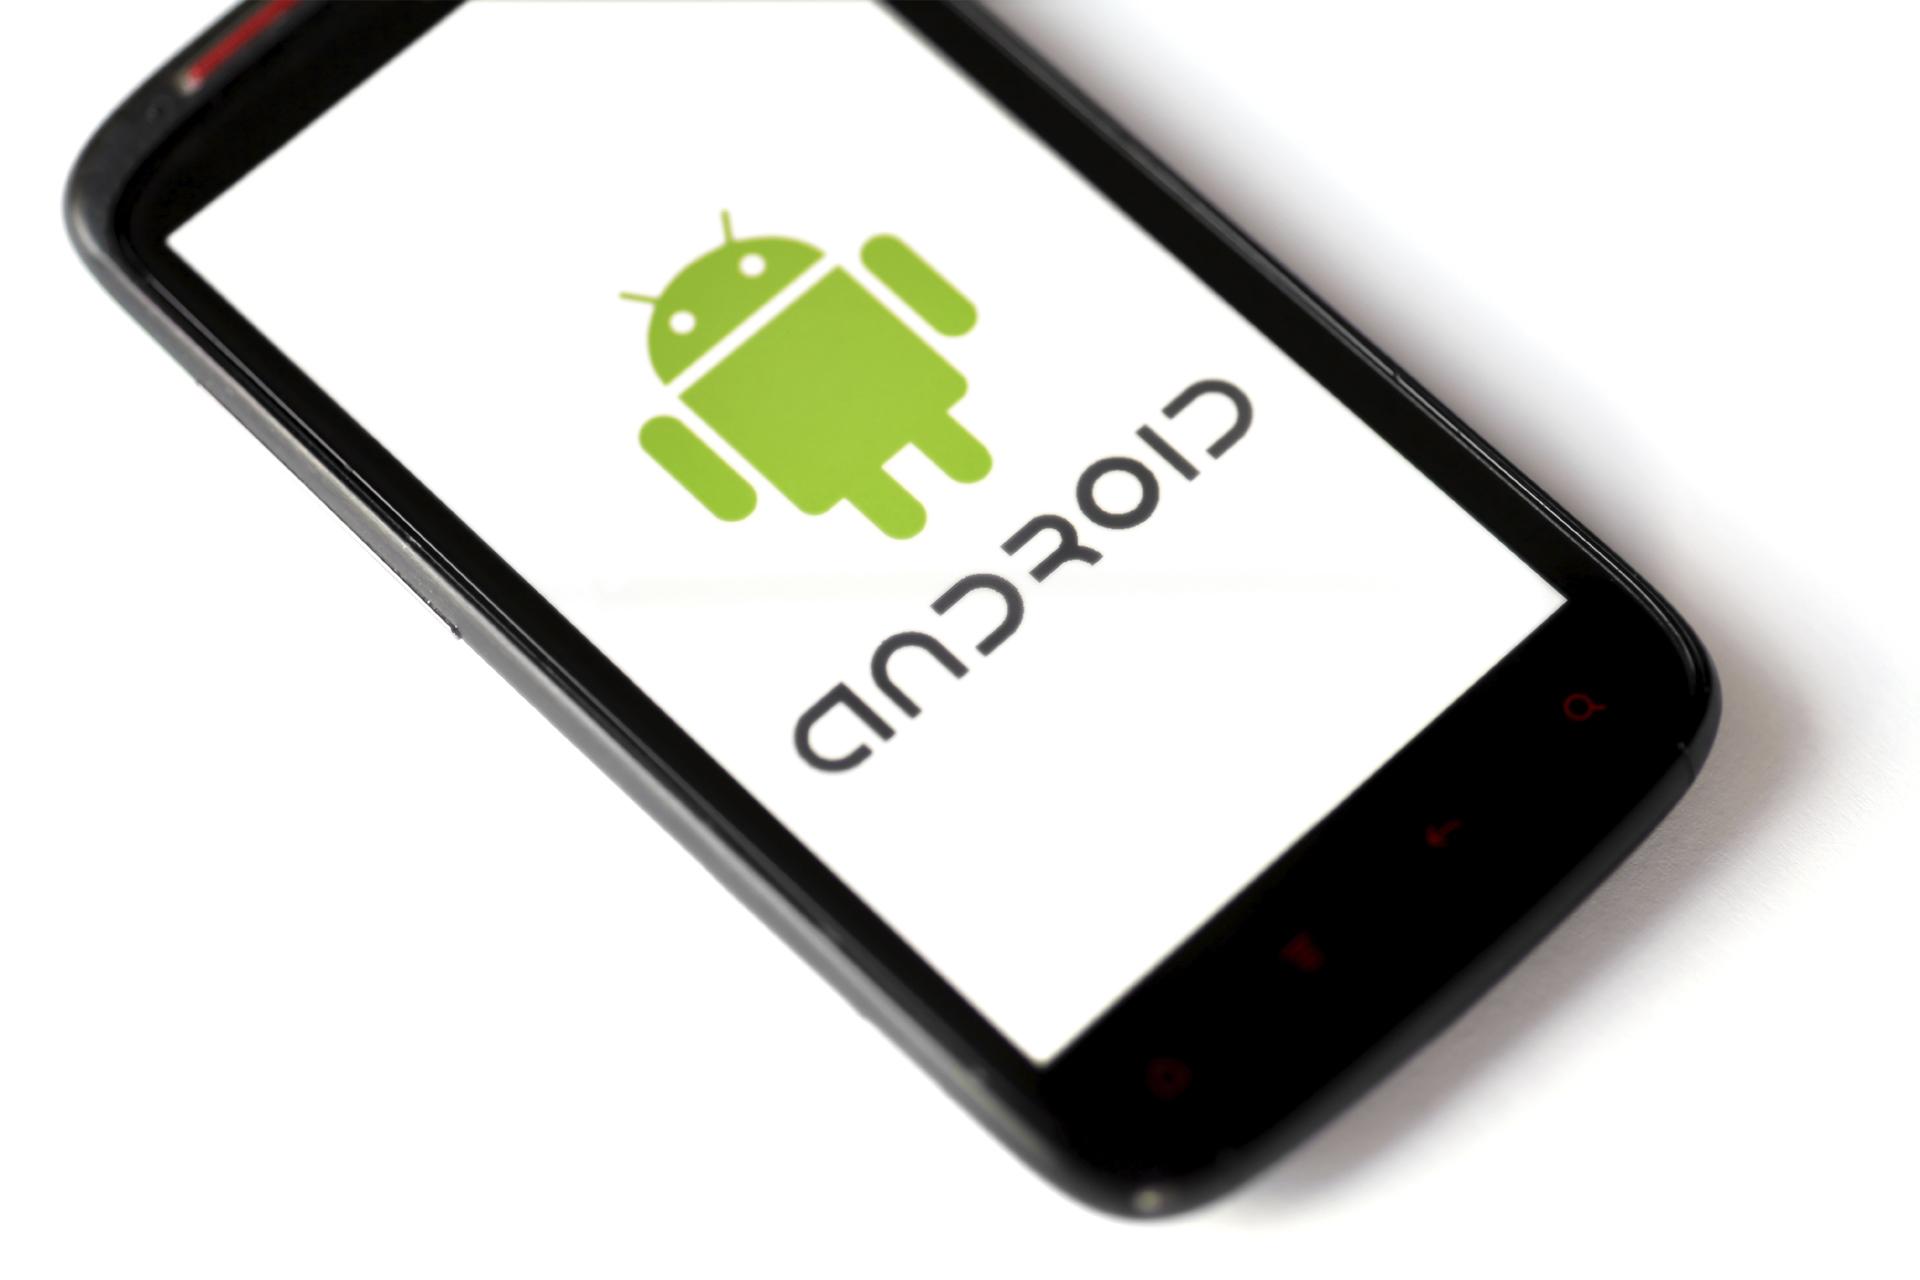 La mayoría de los suscriptores utilizan Android y Blackberry OS en sus teléfonos